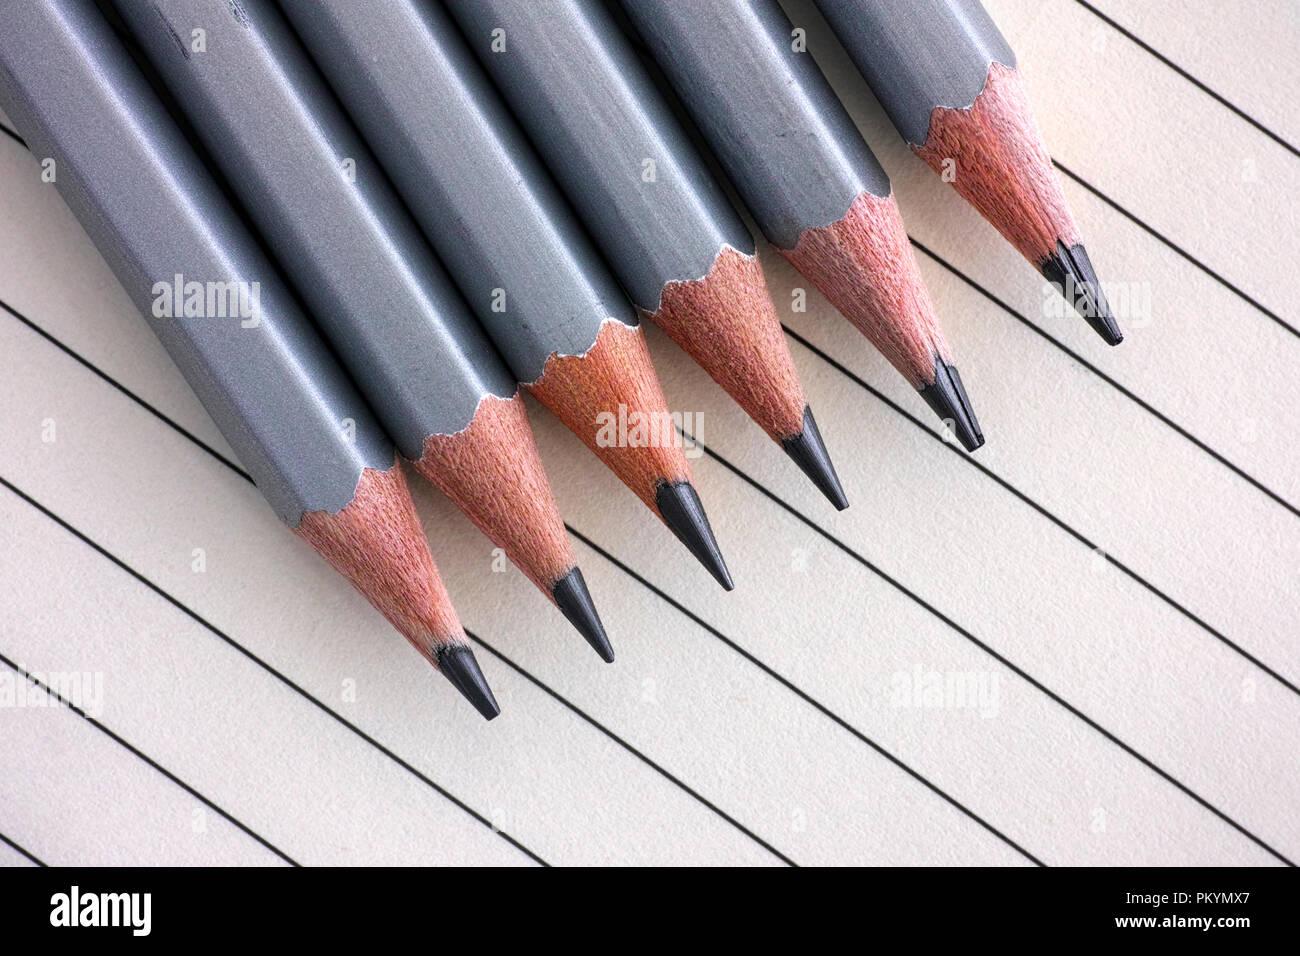 Grigio grafite matita in una riga su carta a righe dello sfondo. Immagini Stock